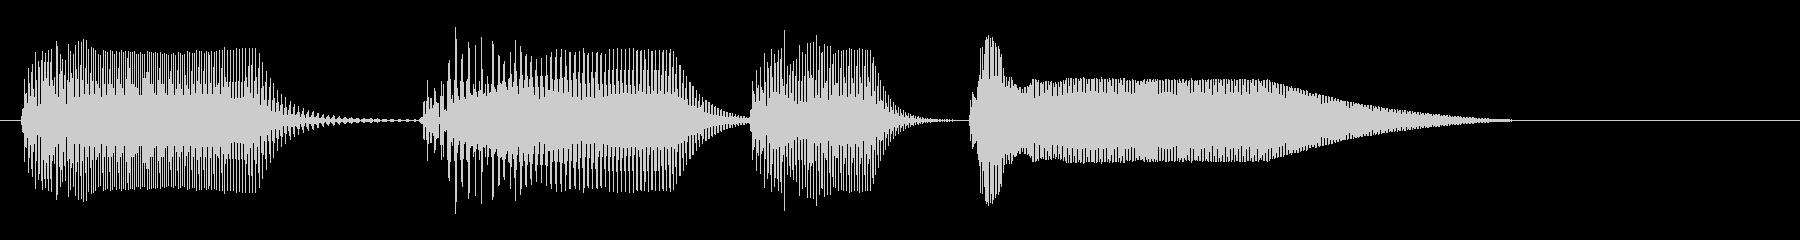 手ぇ〜上げてェの効果音の未再生の波形